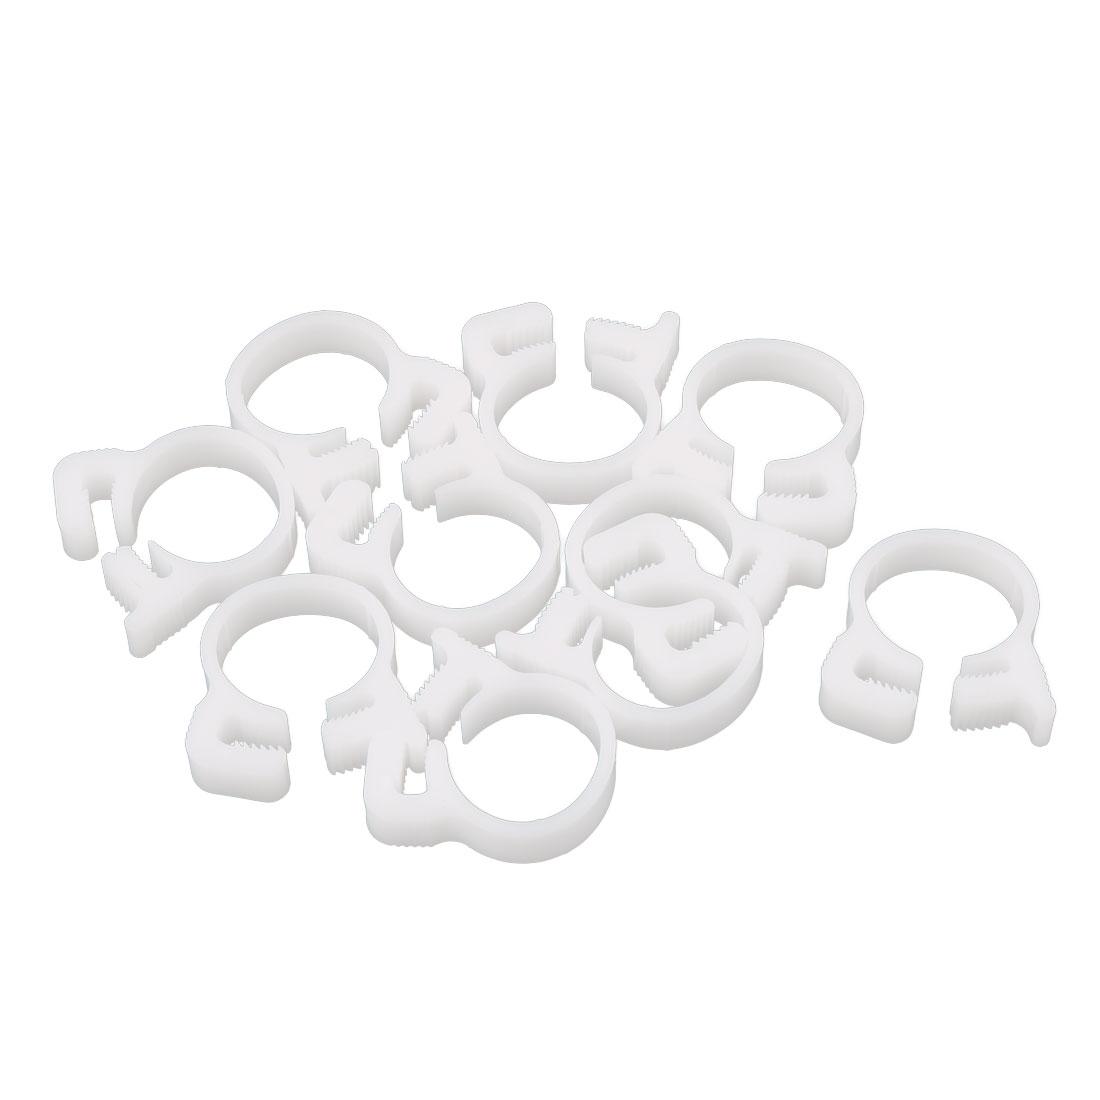 10 Pcs 13.8-14.3mm Range Plastic Adjustable Band Hose Pipe Fastener Clip